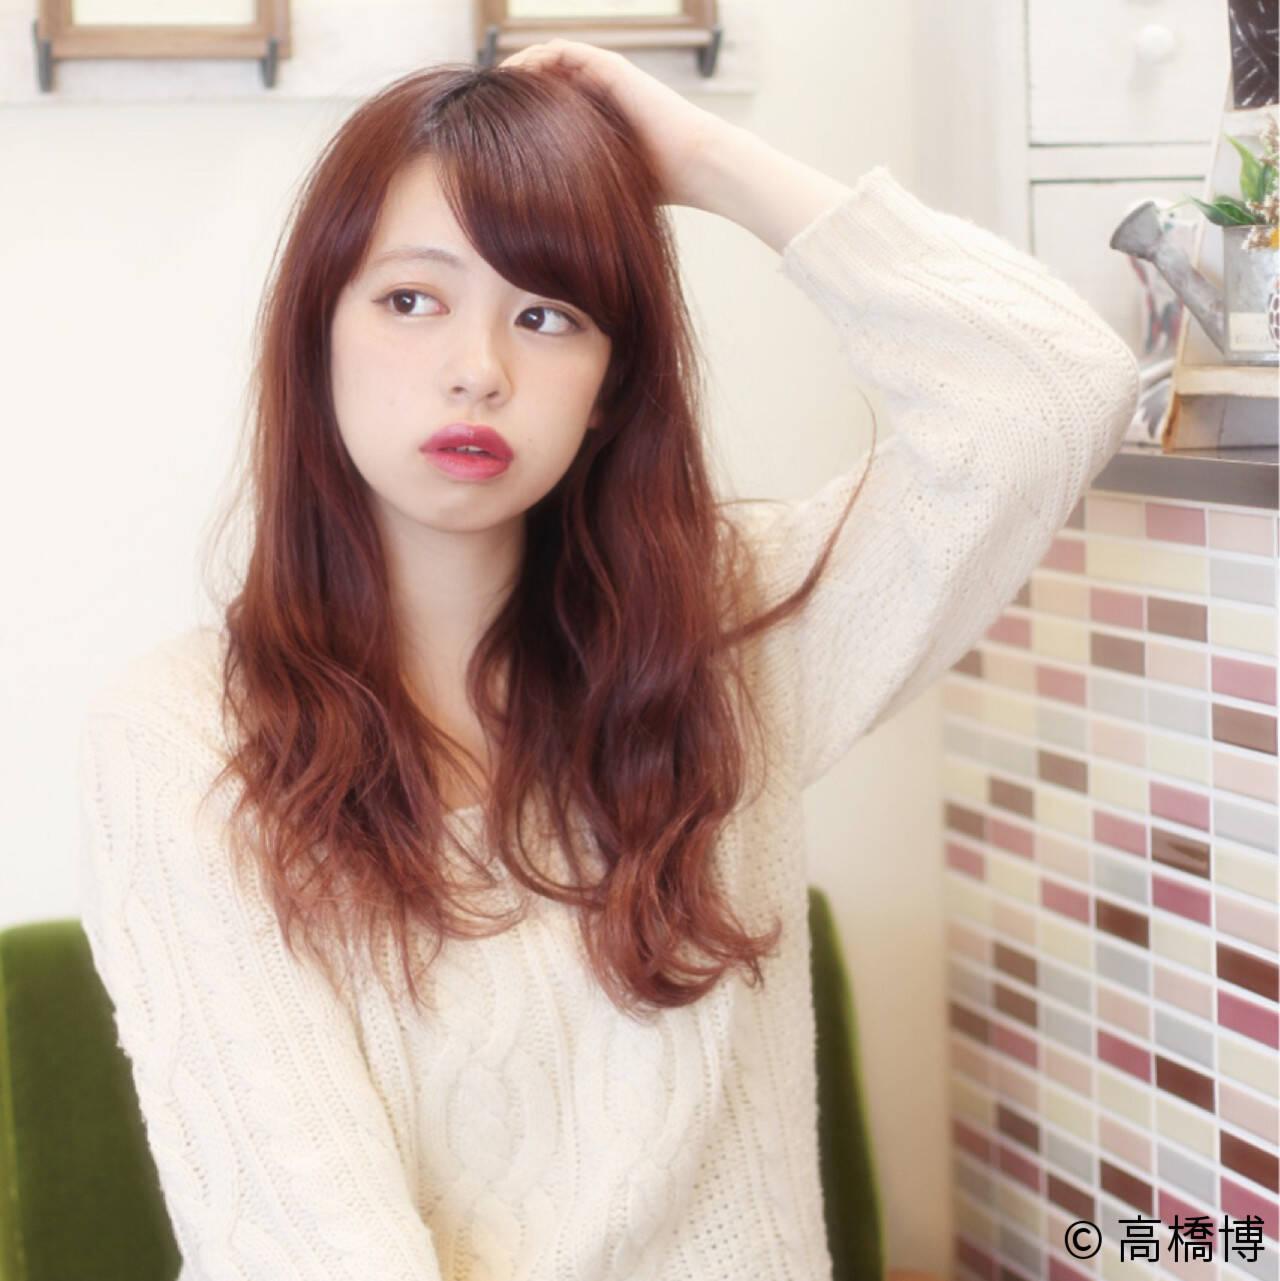 モテ髪 ロング パーマ ゆるふわヘアスタイルや髪型の写真・画像